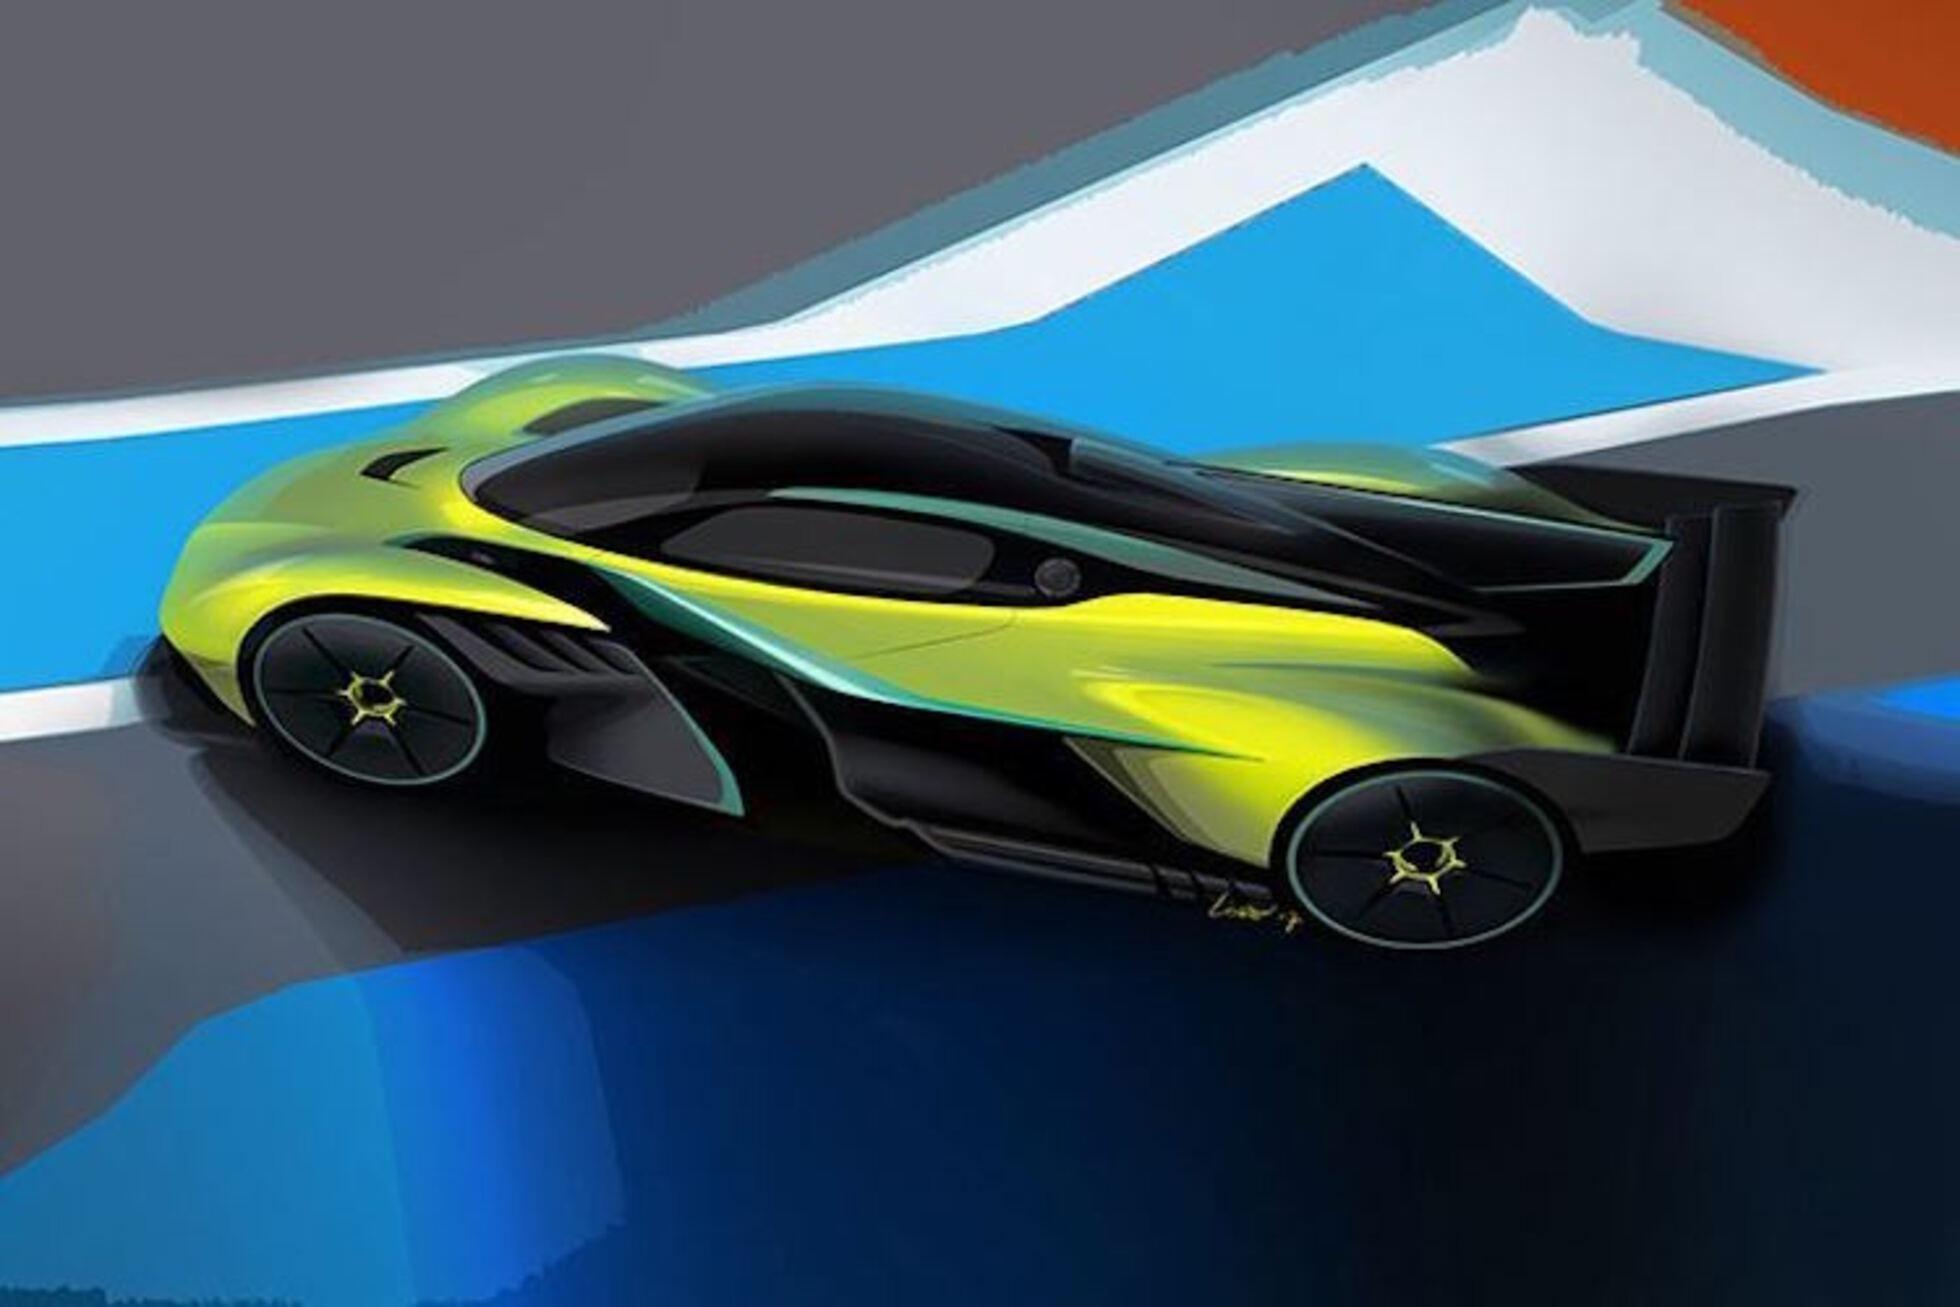 Aston Martin Valkyrie Amr Pro 400 Km H Schnell Formel 1 Speedweek Com